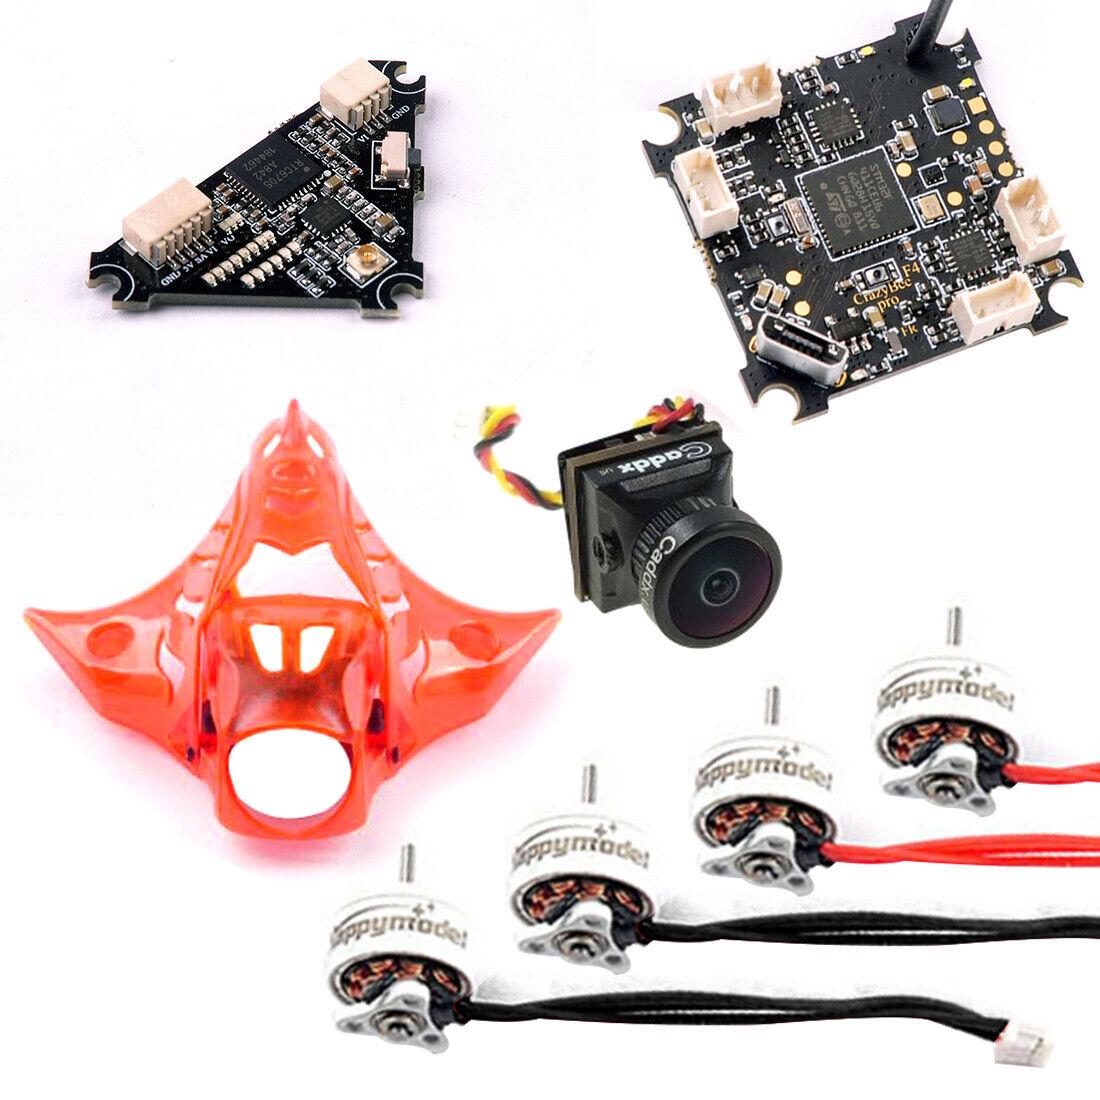 Hazlo tú mismo Mobula 7 FPV dron Accesorios Turbo Eos2 Cámara VTX V2 dosel